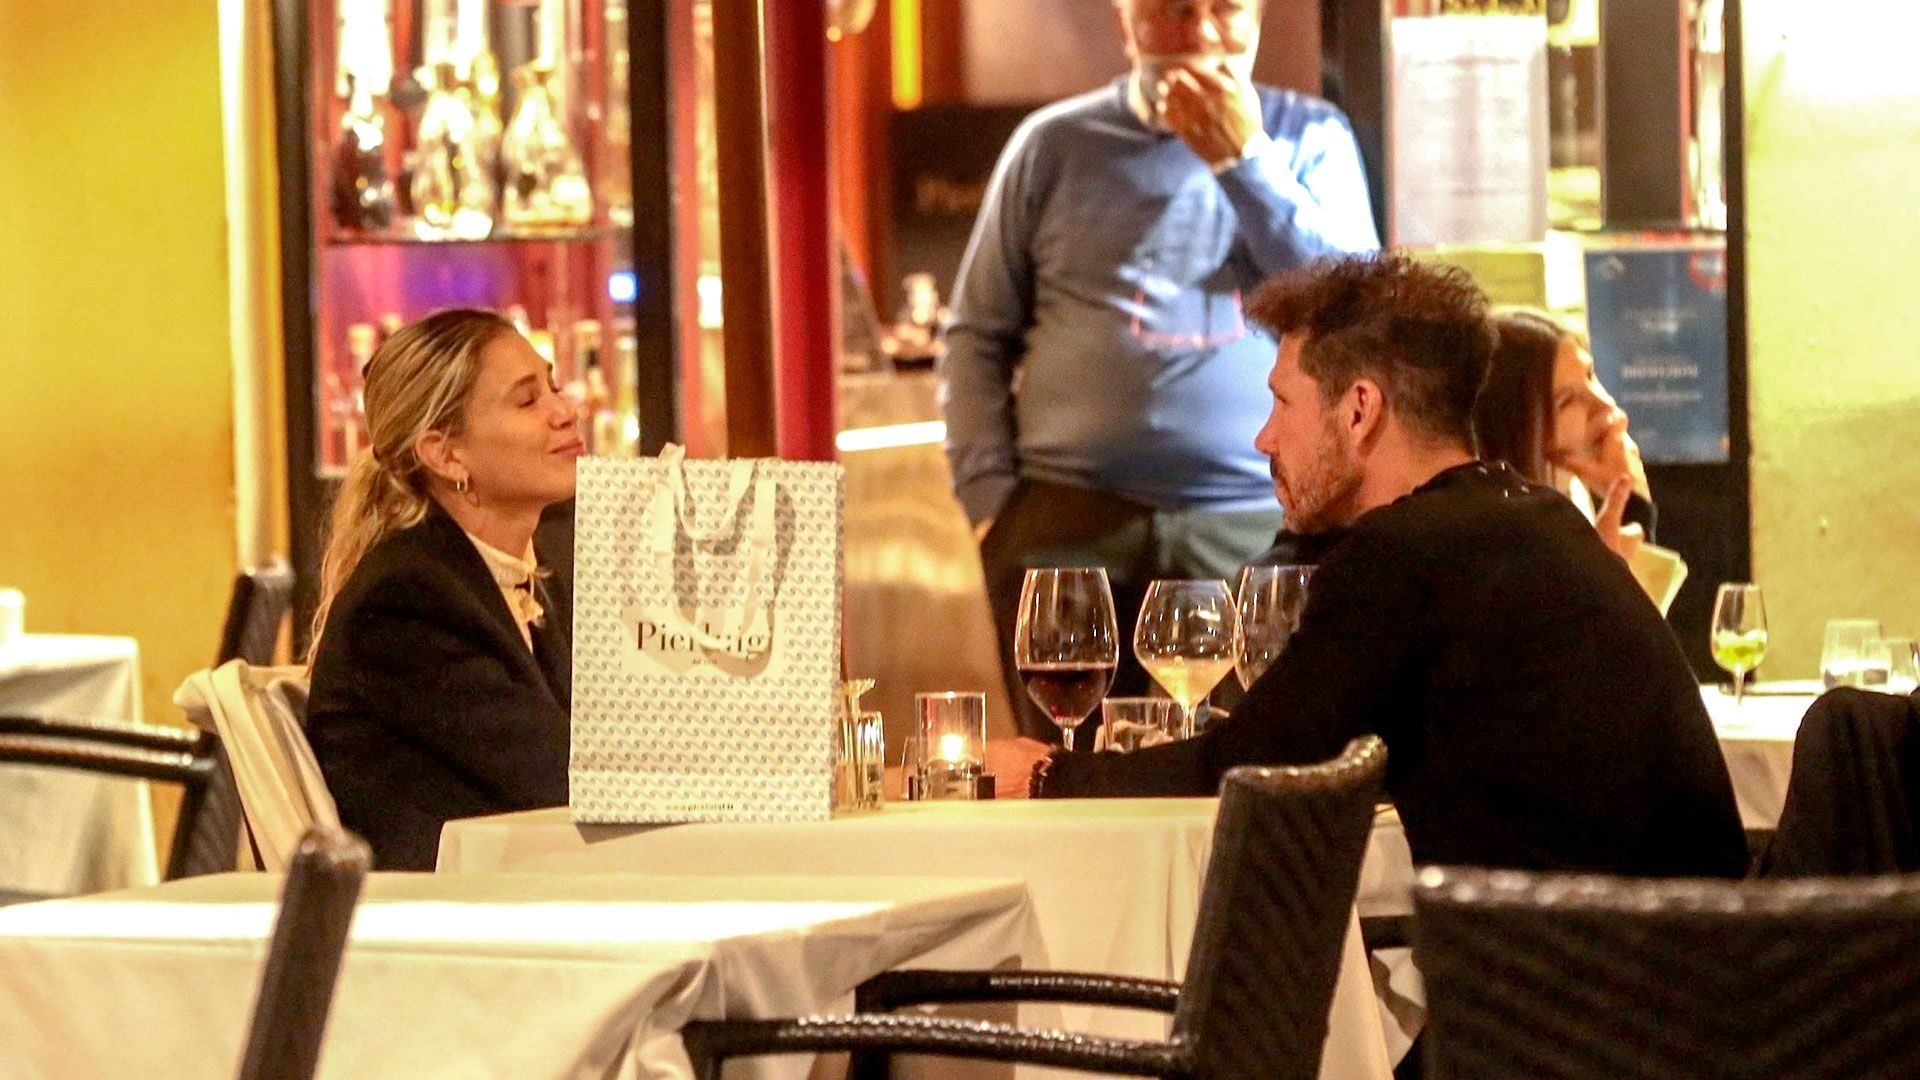 Celebrities-en-un-clic-Diego-Simeone-y-esposa-13102020